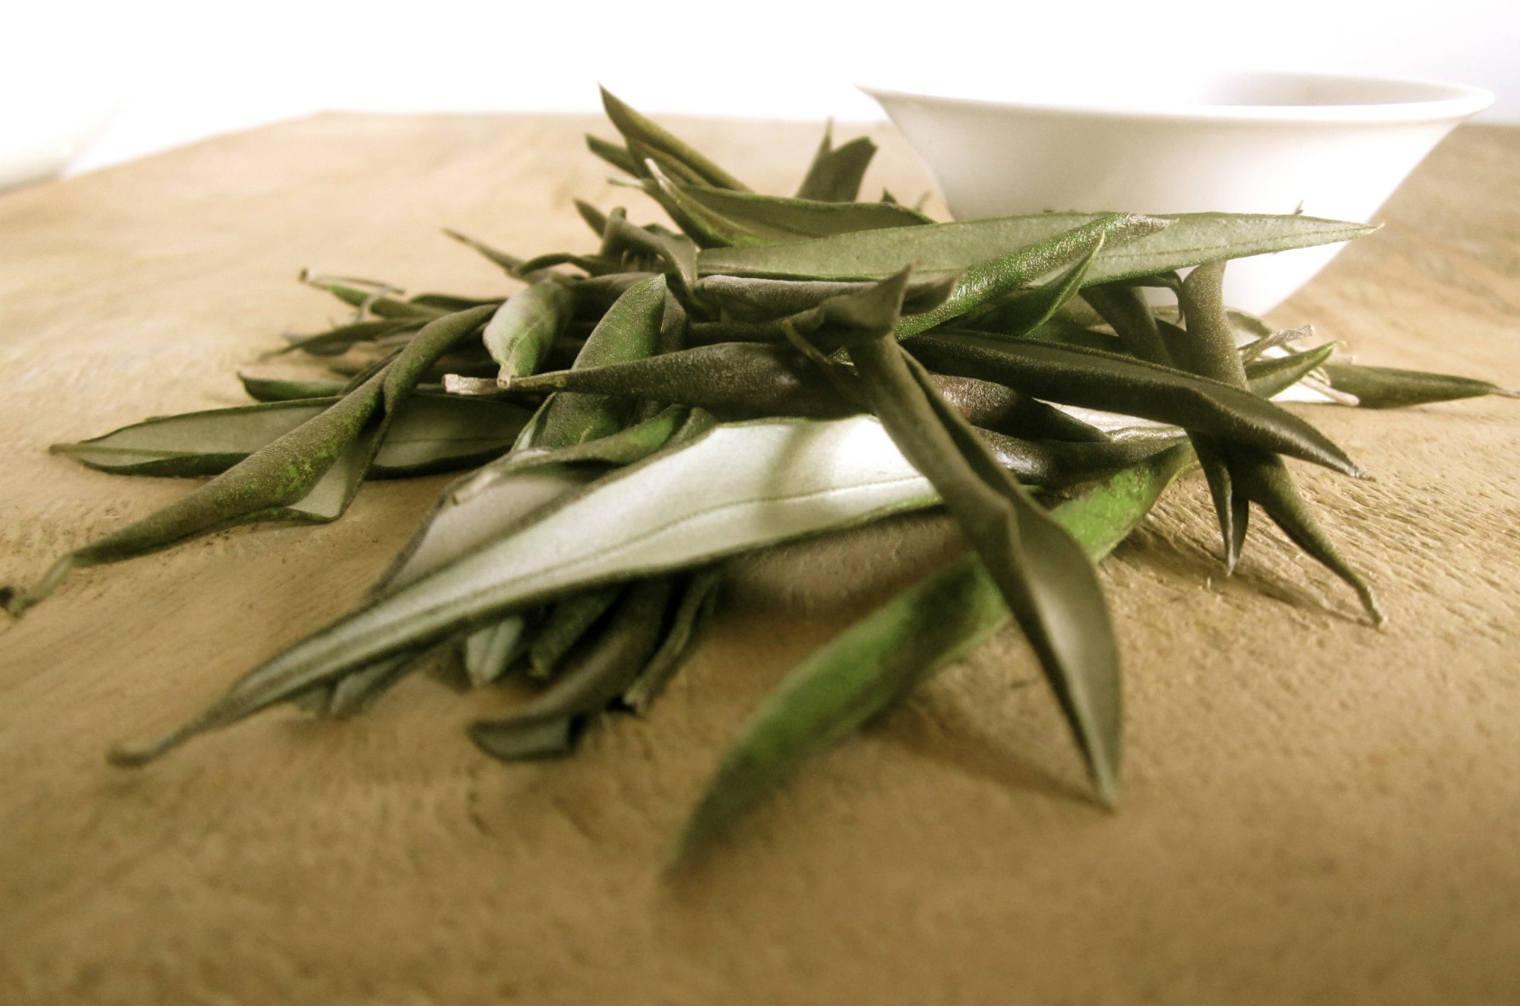 Olive leaf treat herpes sores